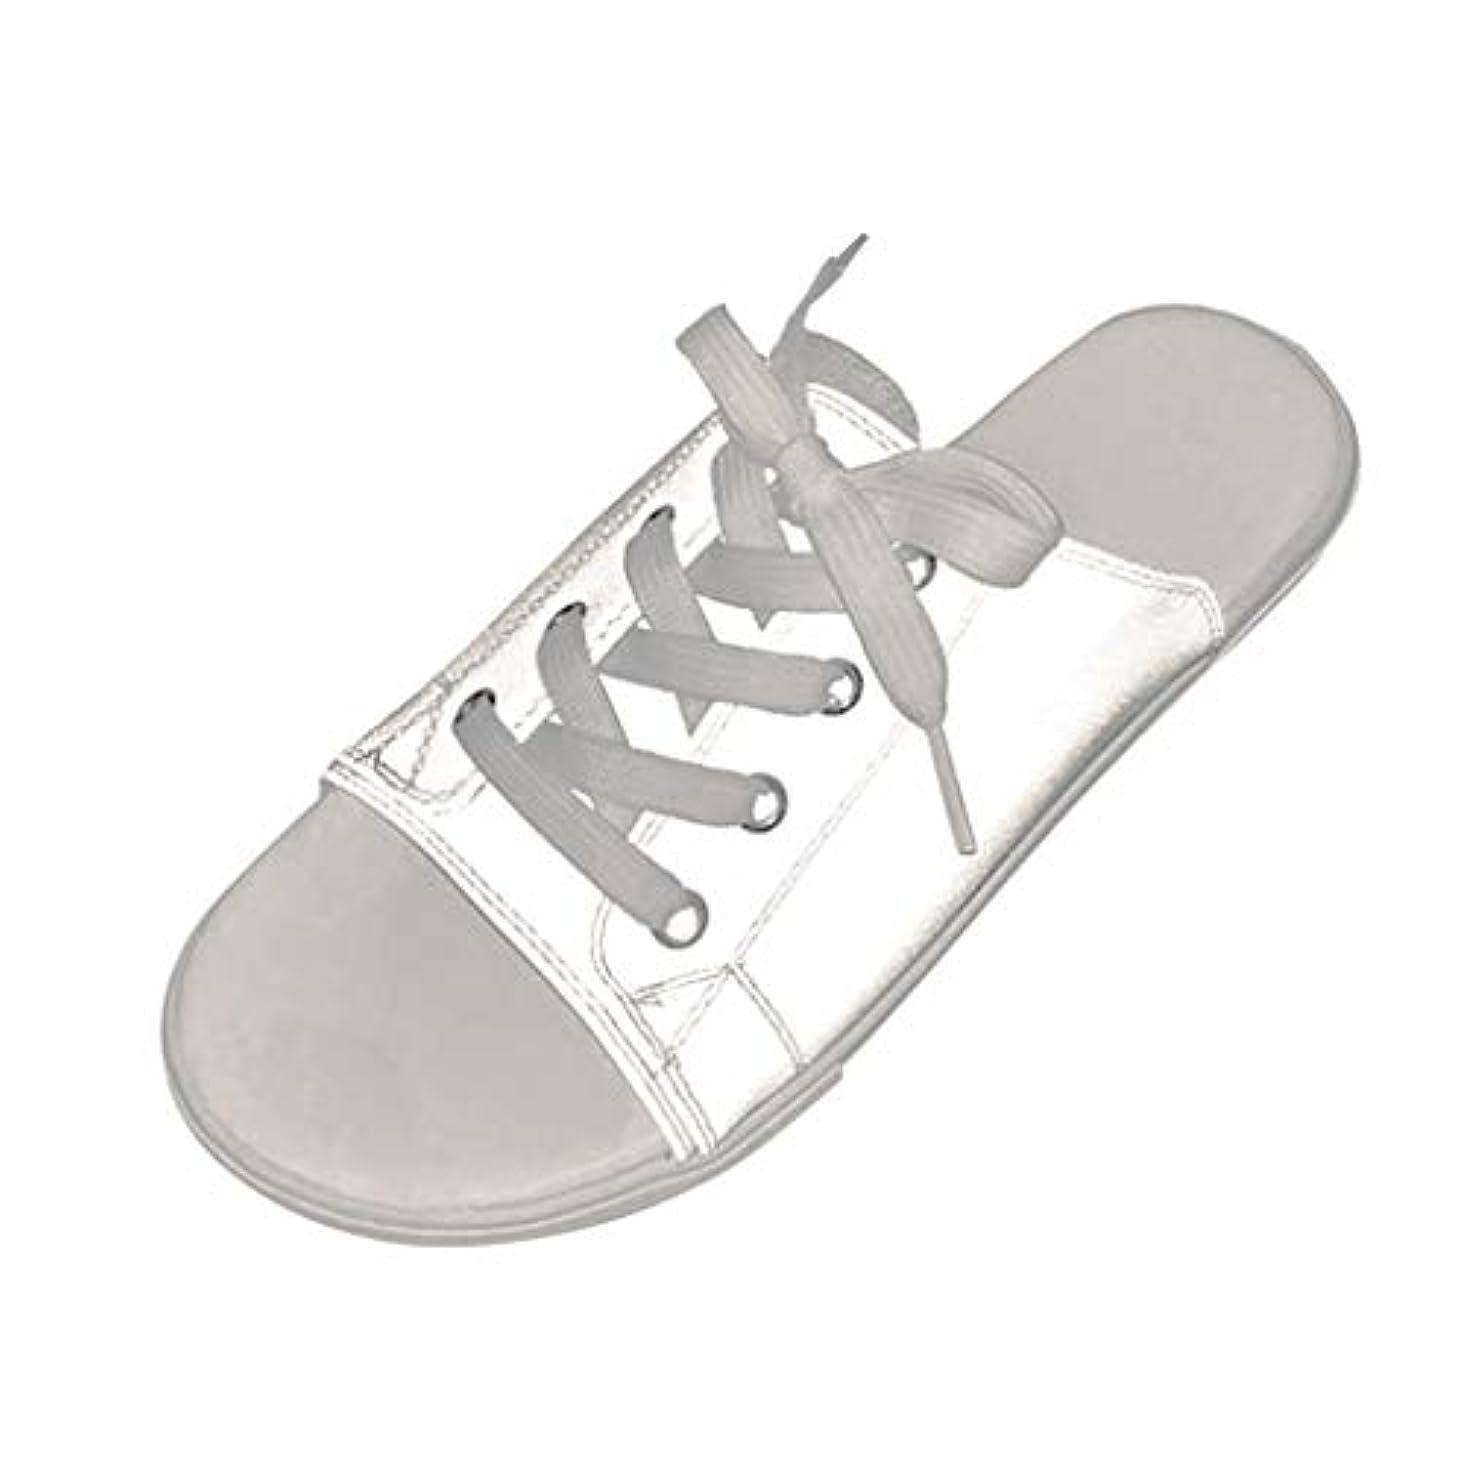 製品ドア散歩カップルは靴を照らす スリッパシューズ サンダル フラットビーチシューズ 魚の口の靴 輝くサンダル フラットスリッパ レースアップビーチサンダル